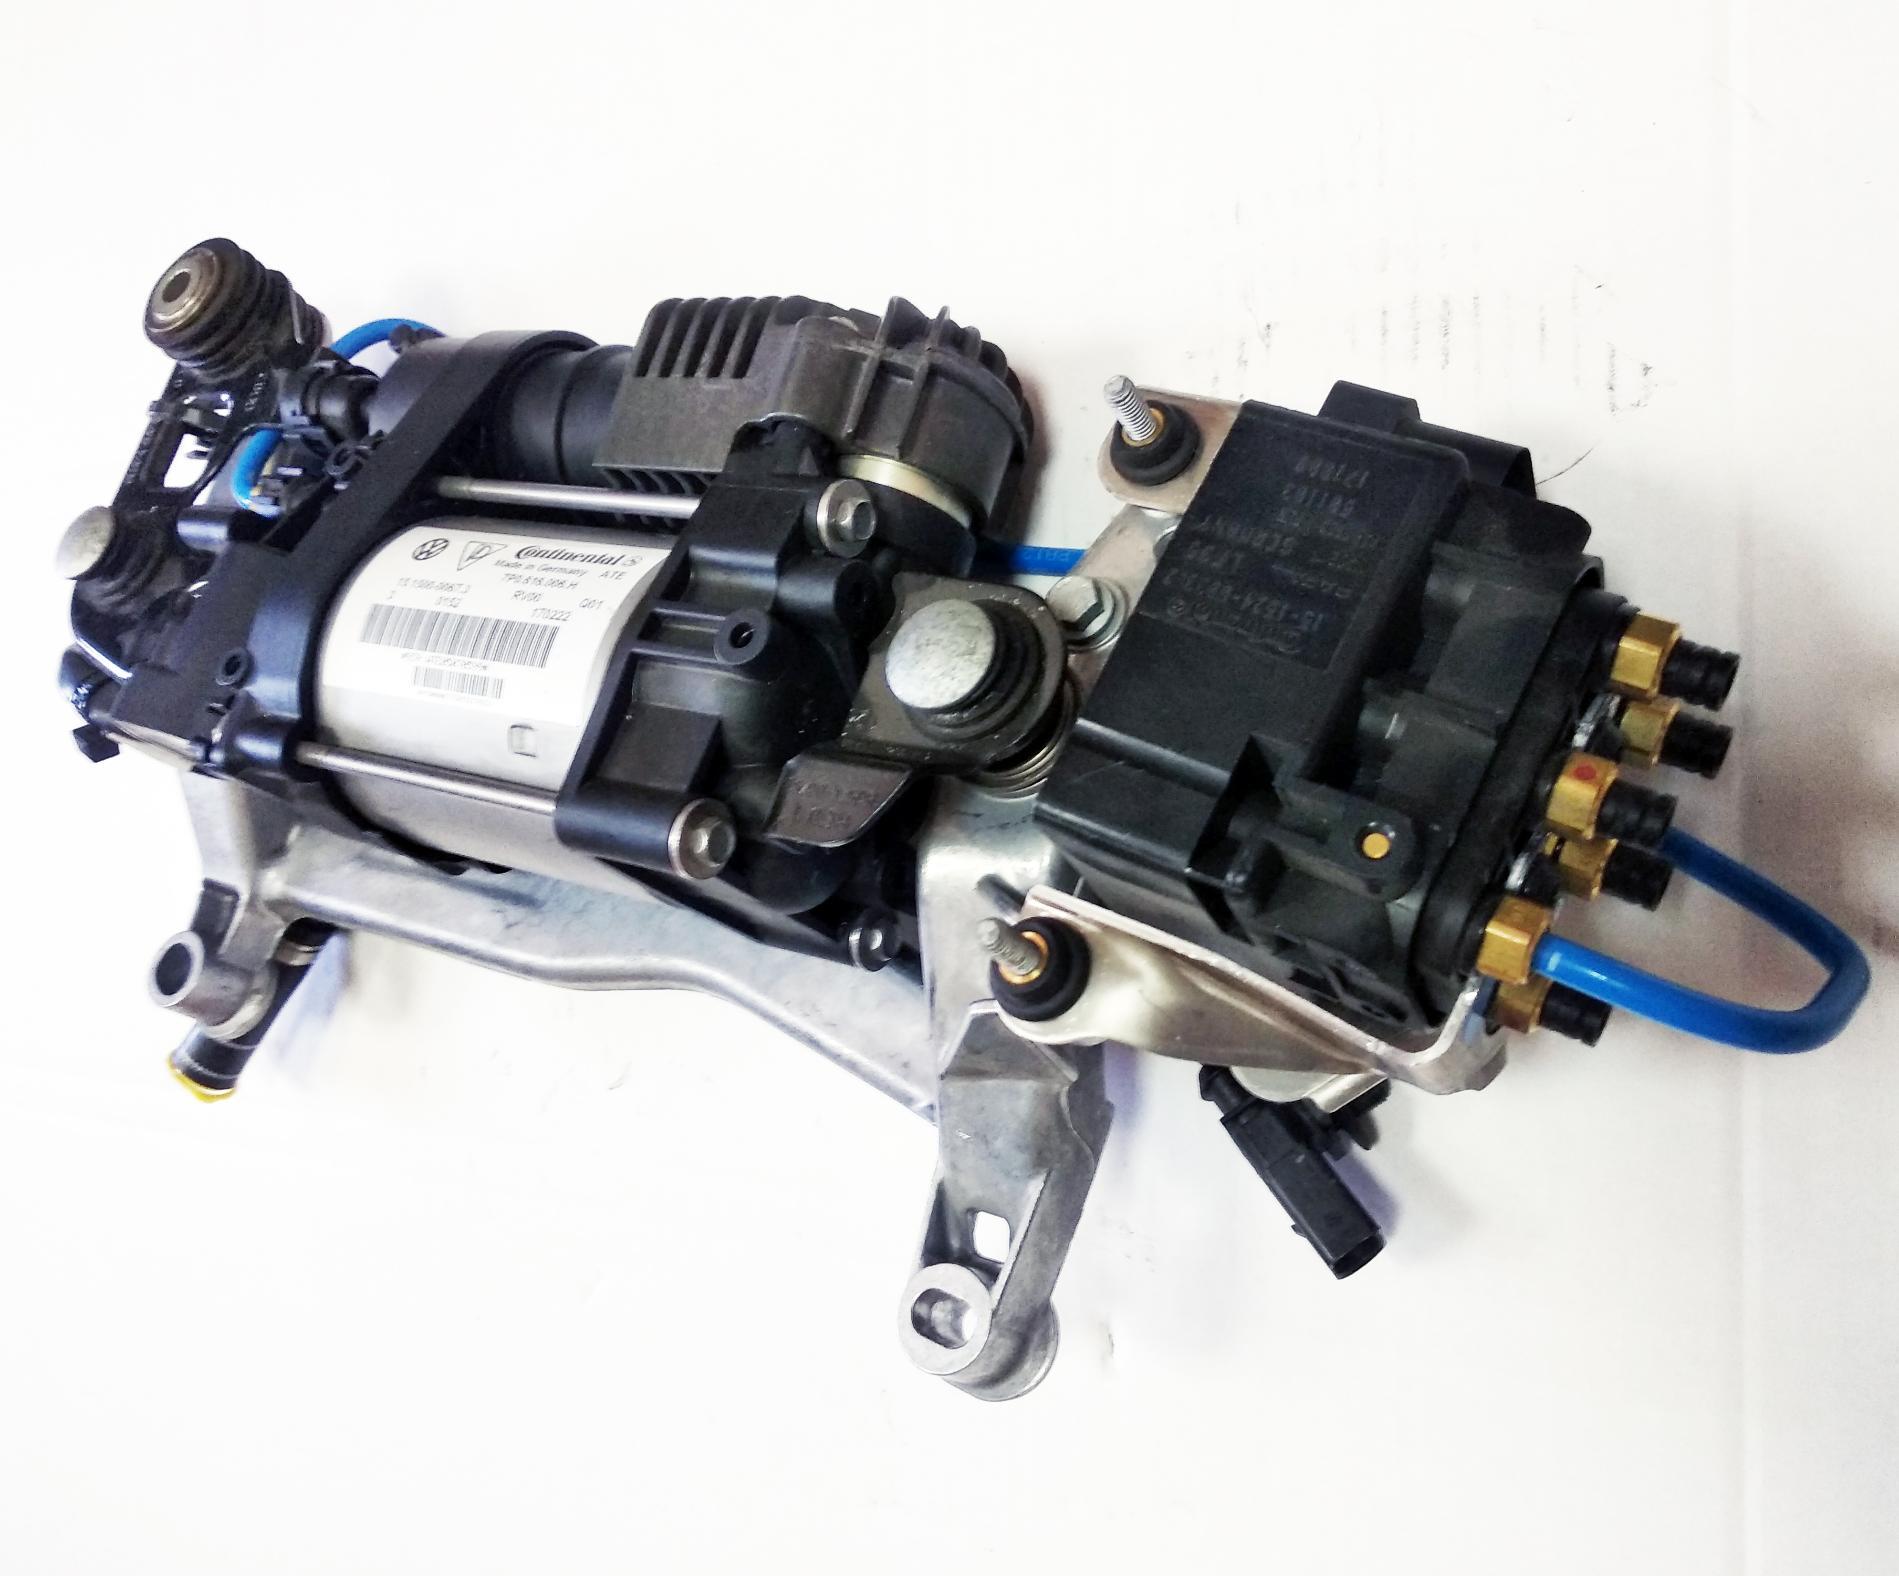 картинка Новый оригинальный компрессор пневмоподвески Continental с блоком клапанов для VW Touareg II NF / Porsche Cayenne II 958 (7P0698007) от магазина пневмоподвески ПневмоМаркет